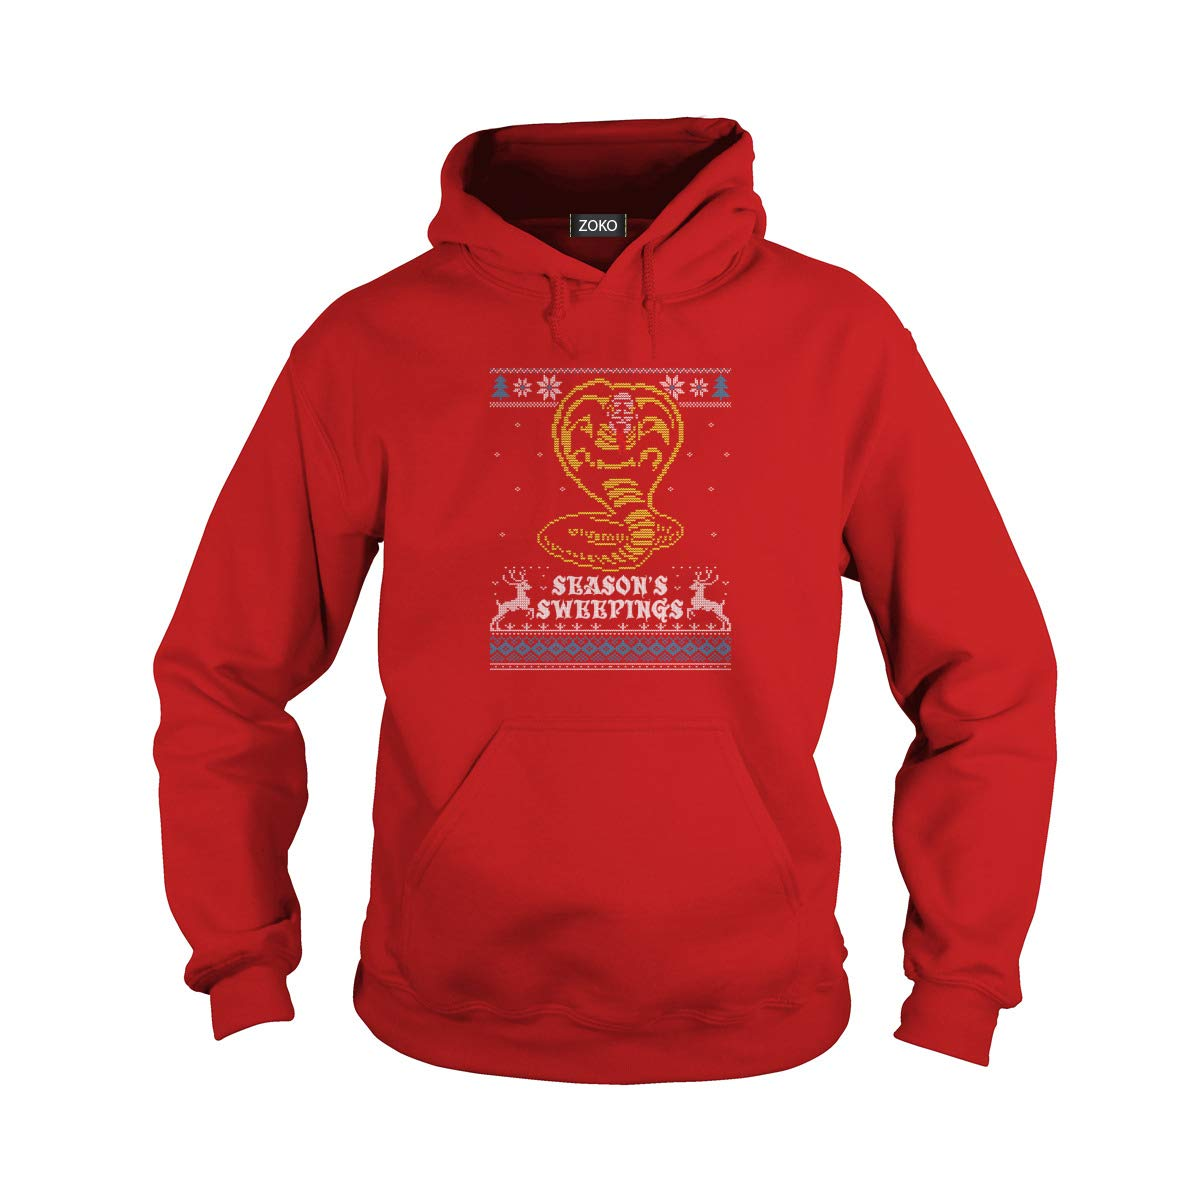 Unisex Seasons's Sweepings Christmas Adult Hooded Sweatshirt (3XL, Red) by Zoko Apparel